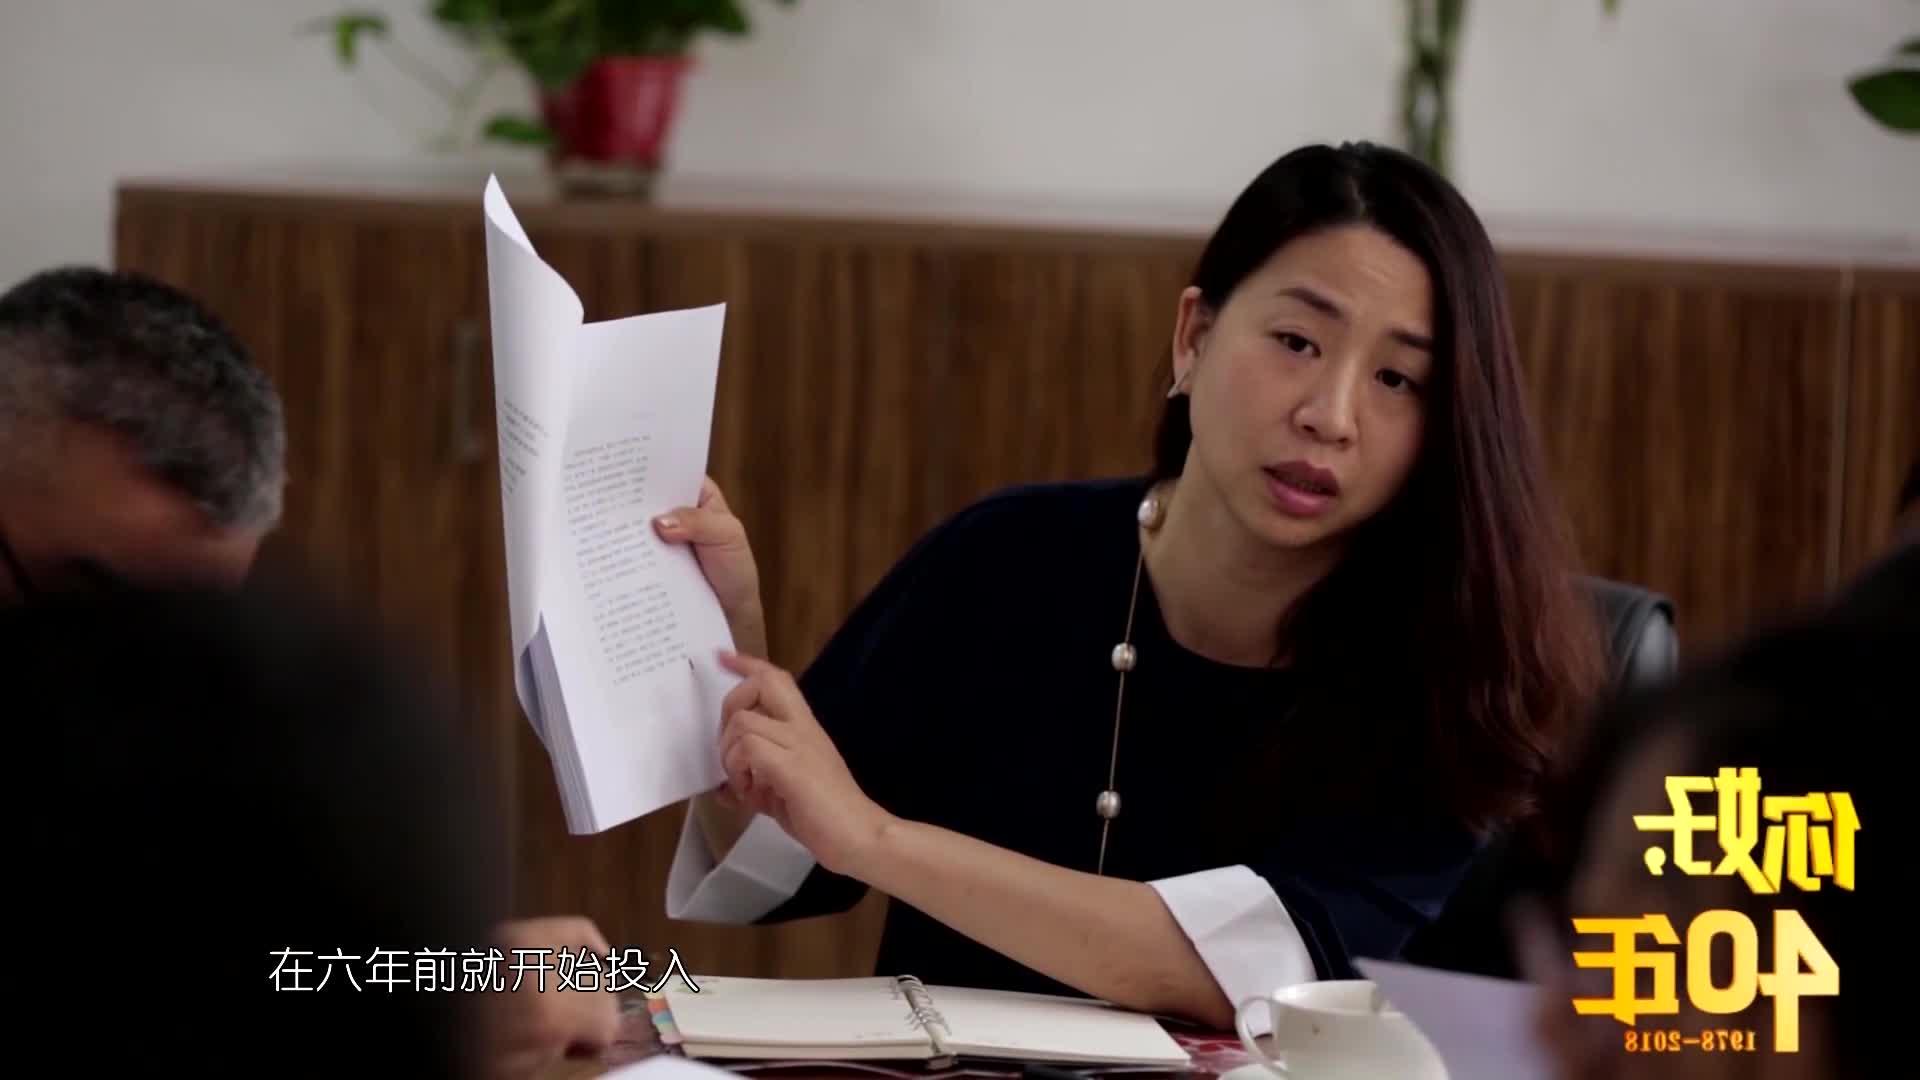 【你好,40年】⑧图书编辑蔡晟:在变与不变之间,坚守和开创